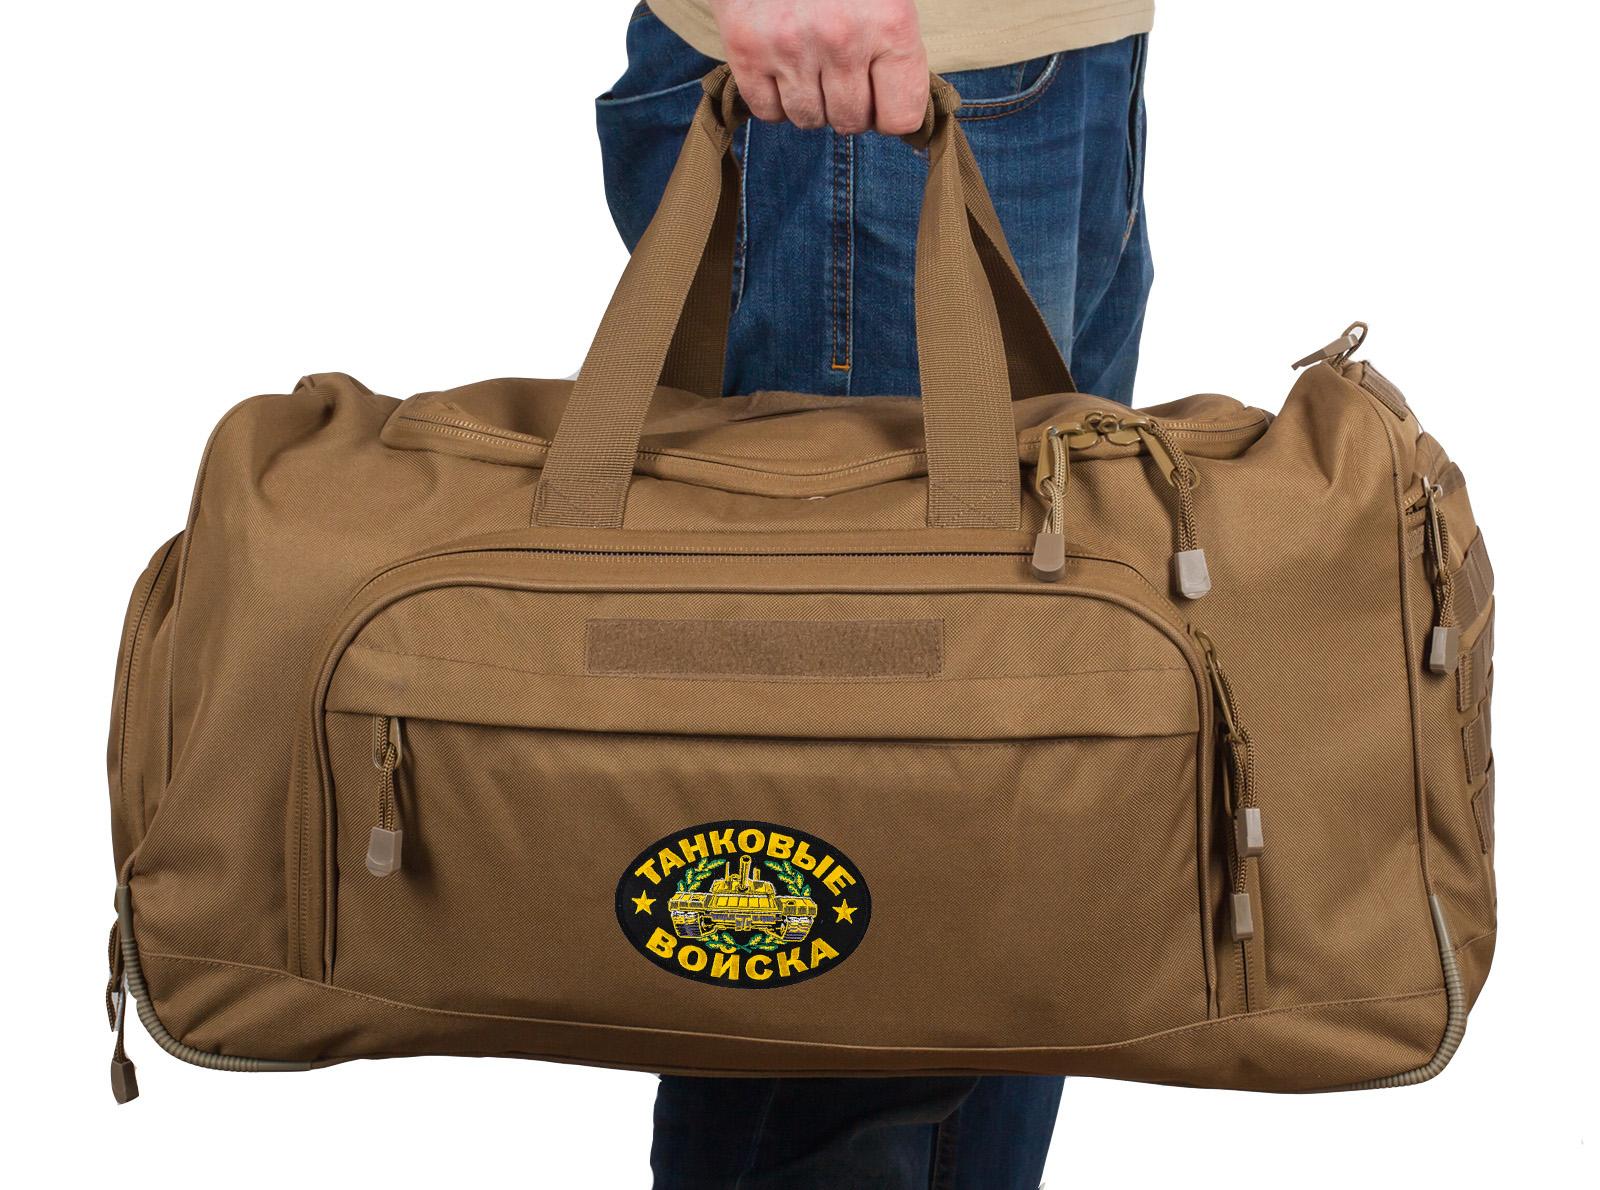 Купить армейскую вместительную сумку 08032B Coyote с нашивкой Танковые Войска оптом выгодно